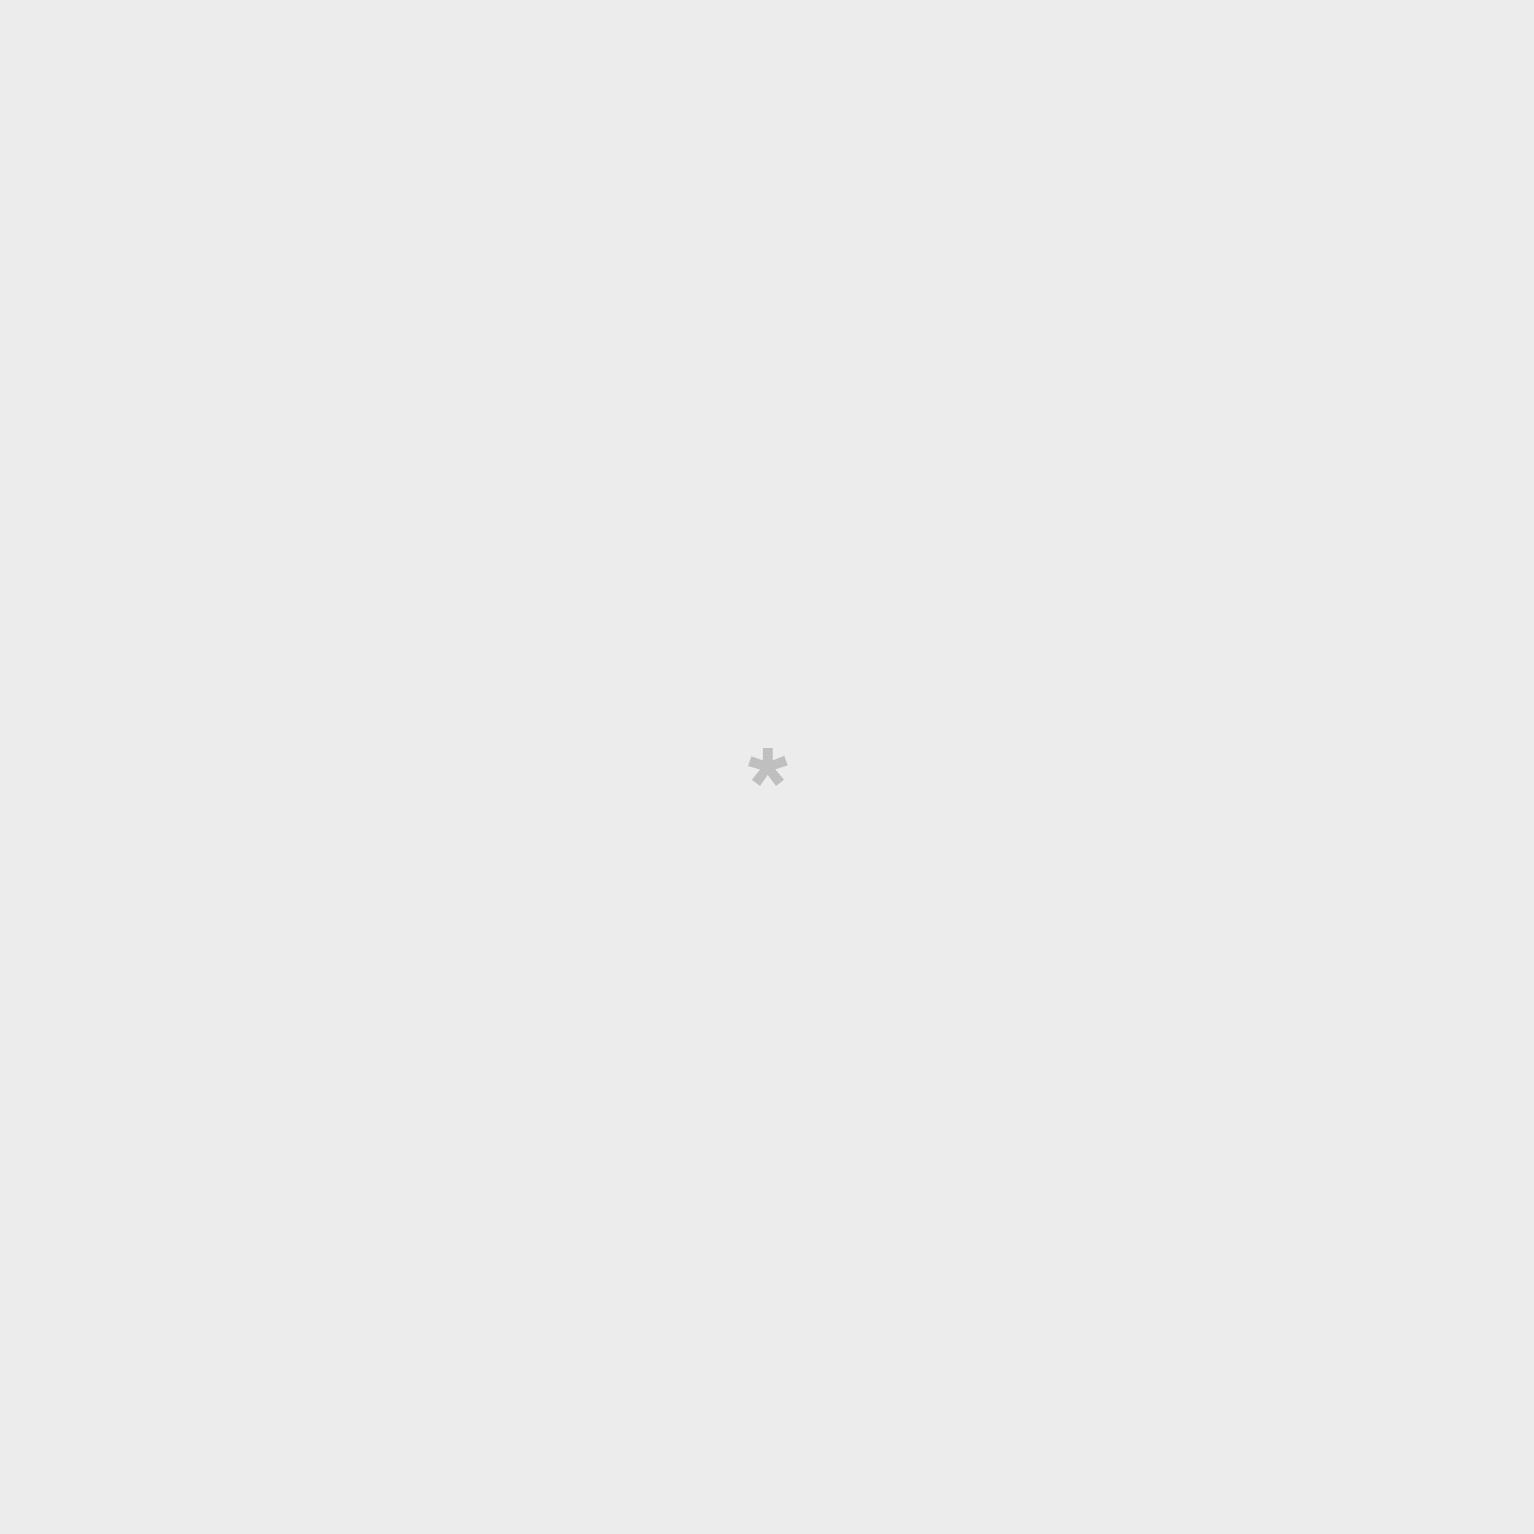 Dossier com argolas - Este dia suscita-me novas ideias